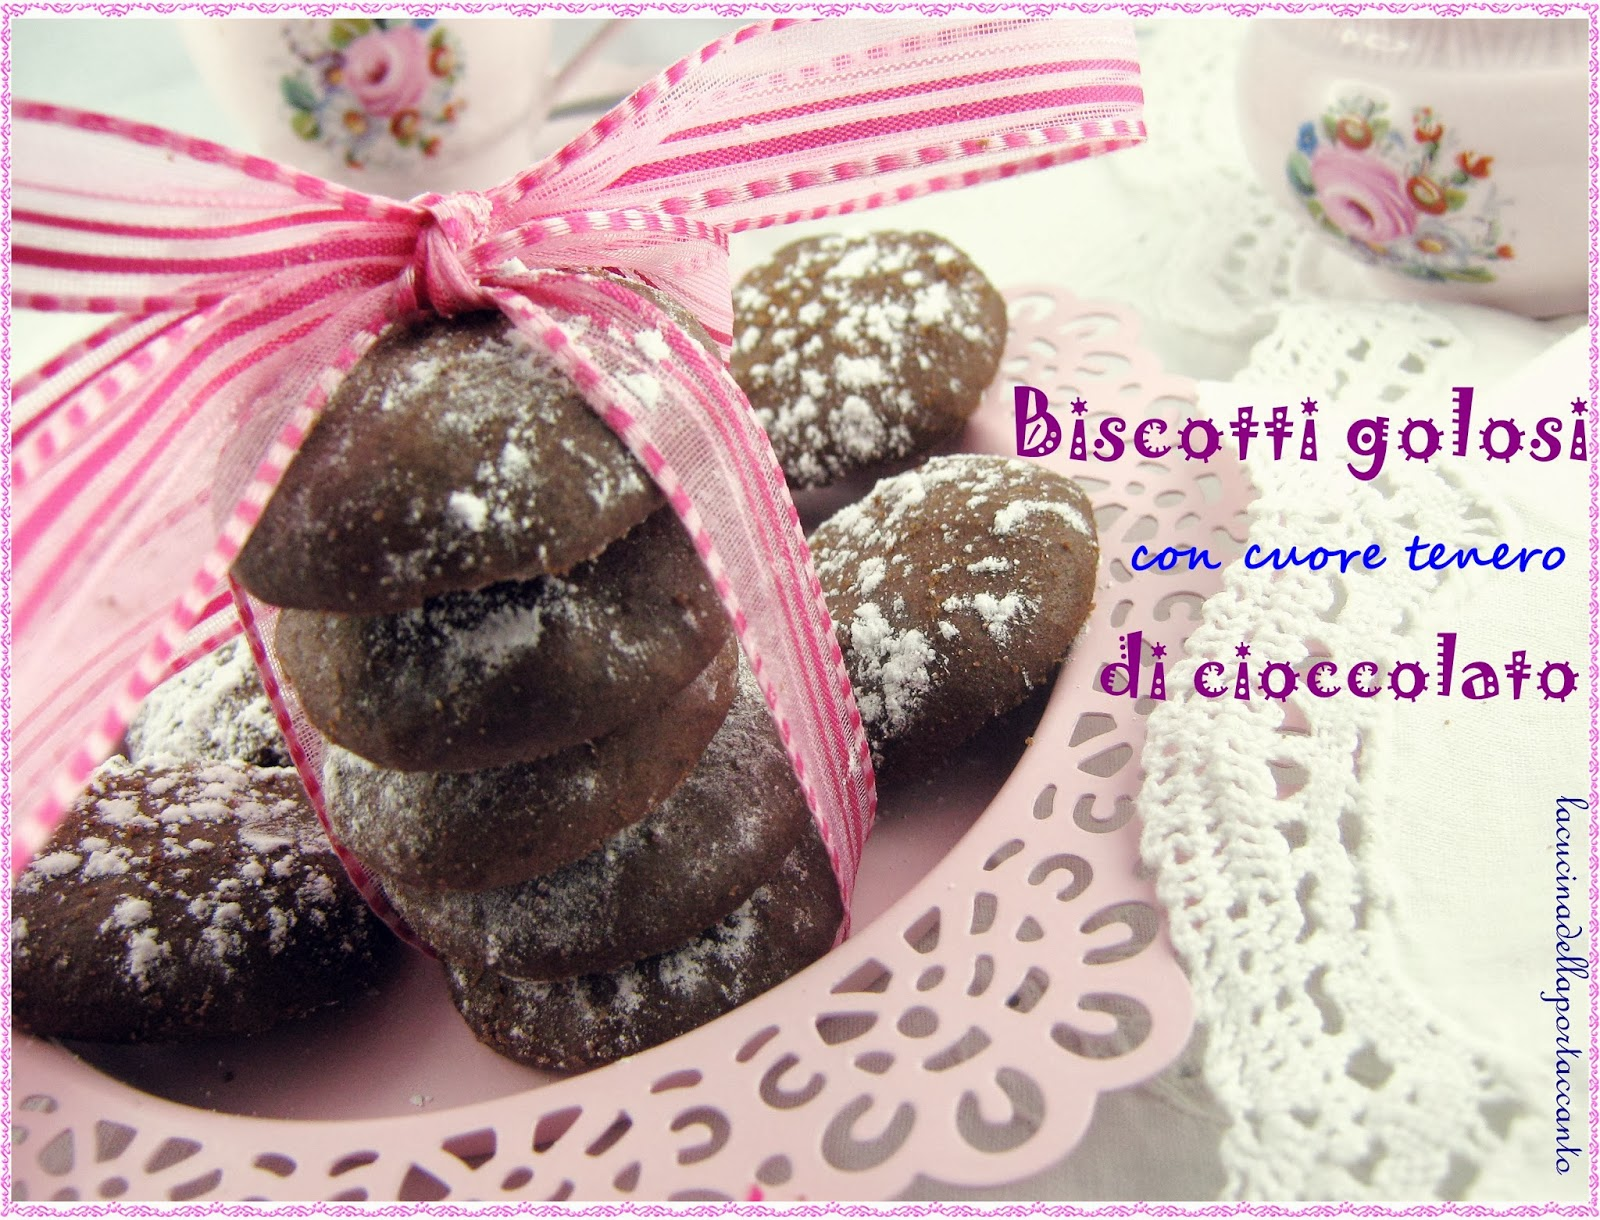 biscotti golosi con cuore tenero di cioccolato